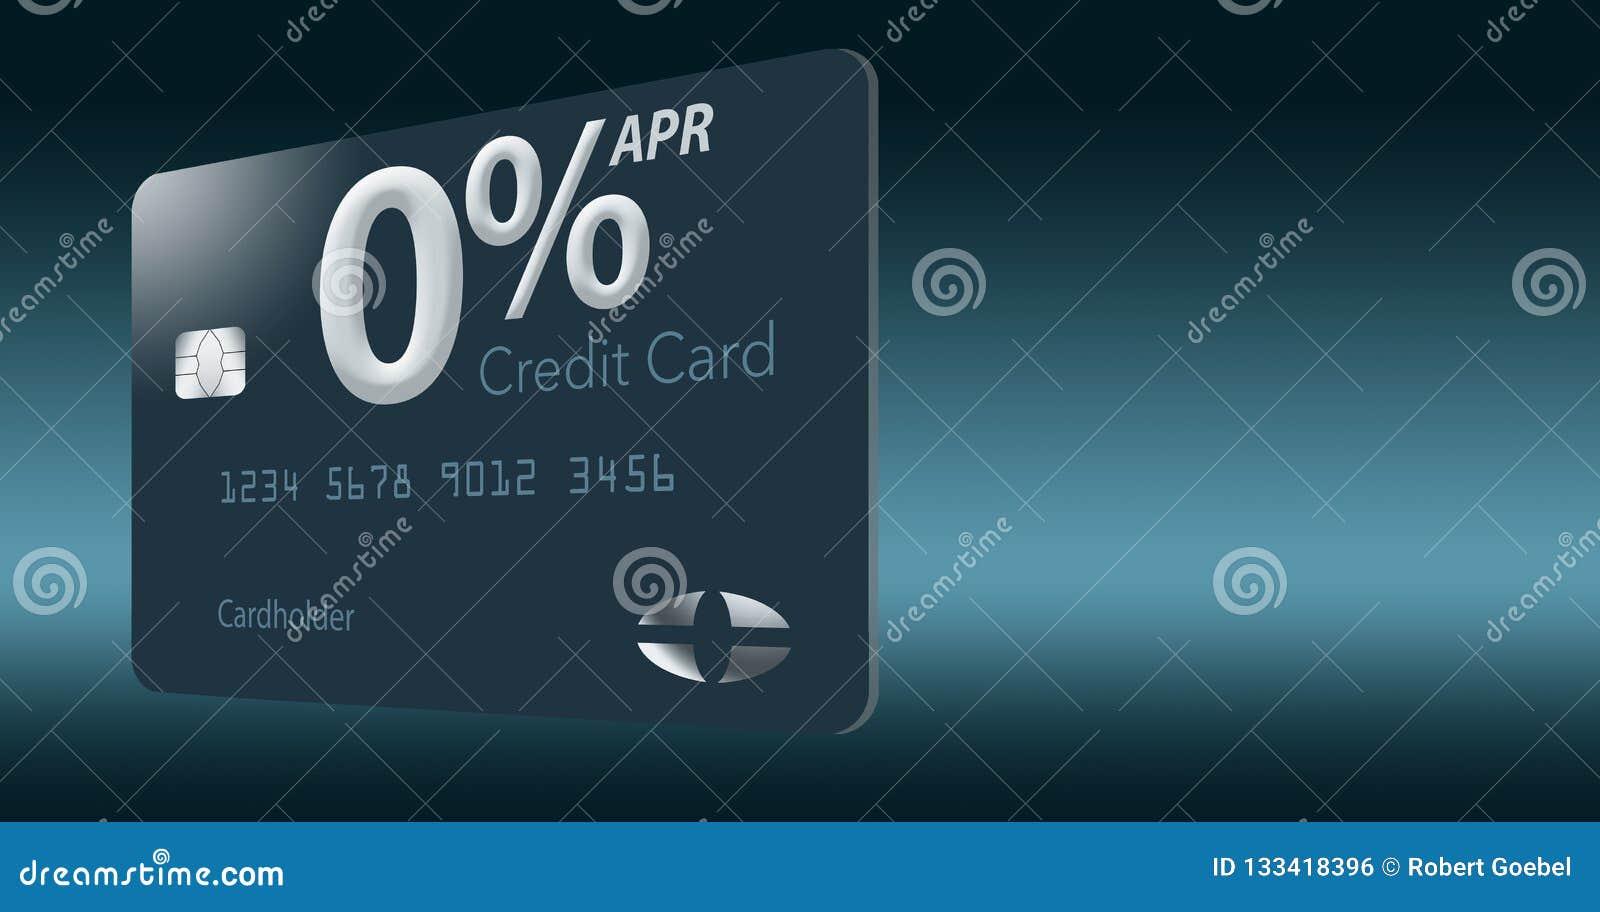 Muchas ofertas de la tarjeta de crédito ahora incluyen porcentaje anual del cero por ciento por 12-15 meses y esta tarjeta falsa